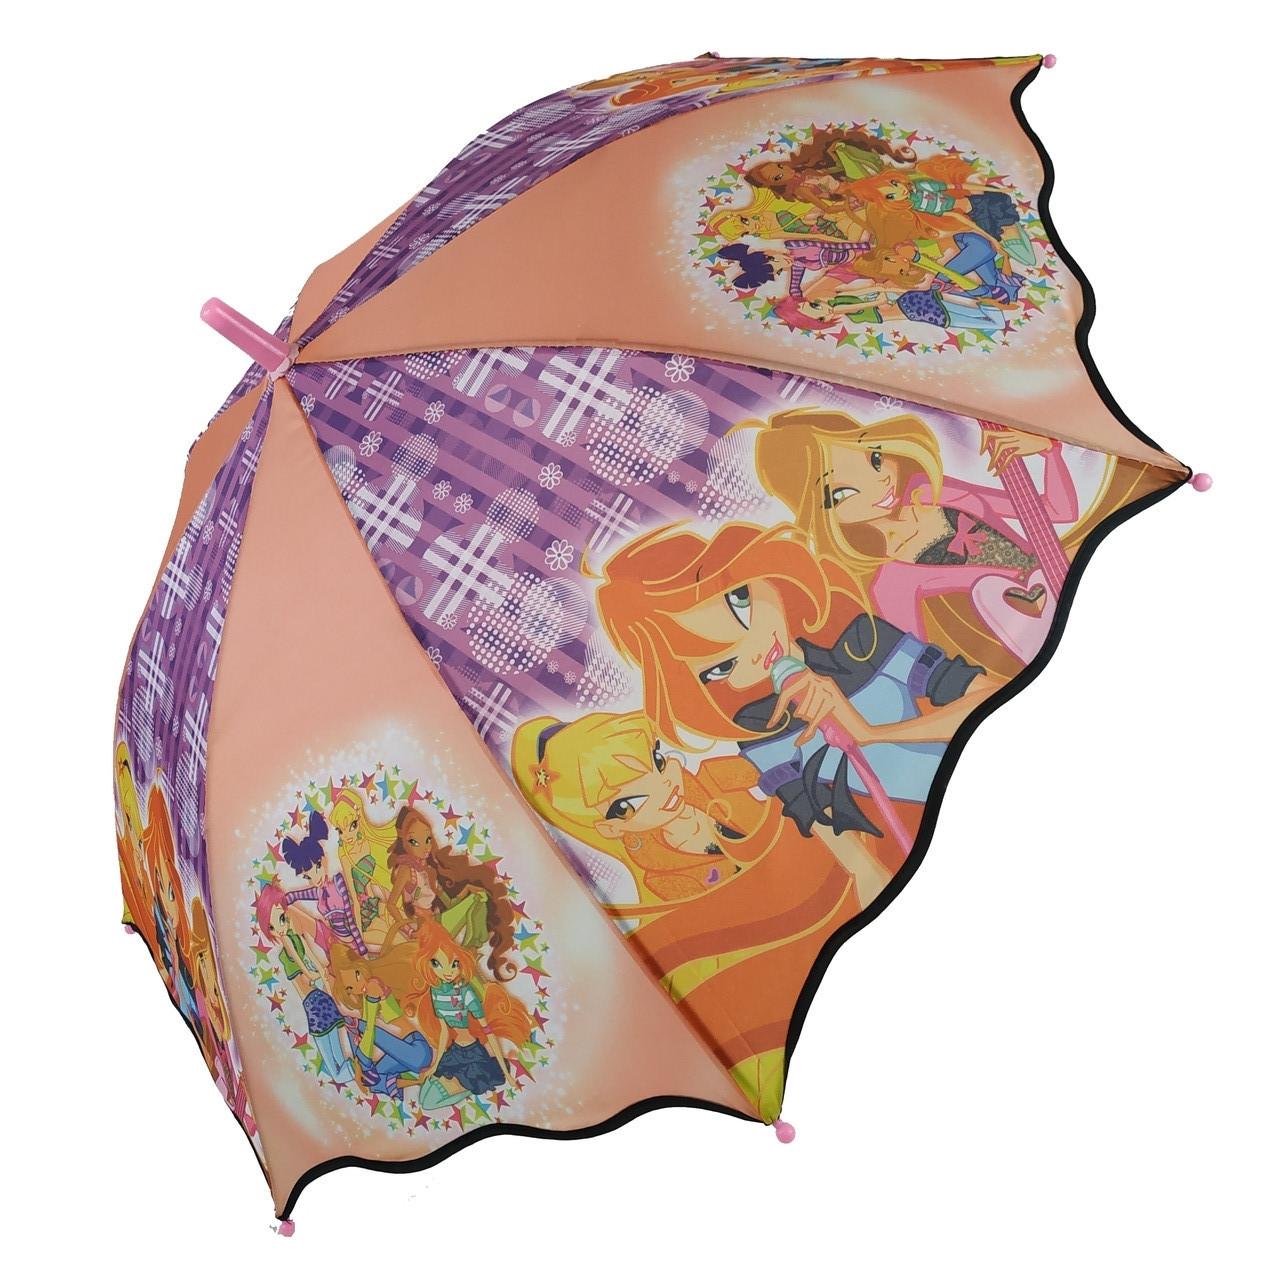 Детский зонтик-трость с принцессами от Max для девочек, разноцветный, 007-3